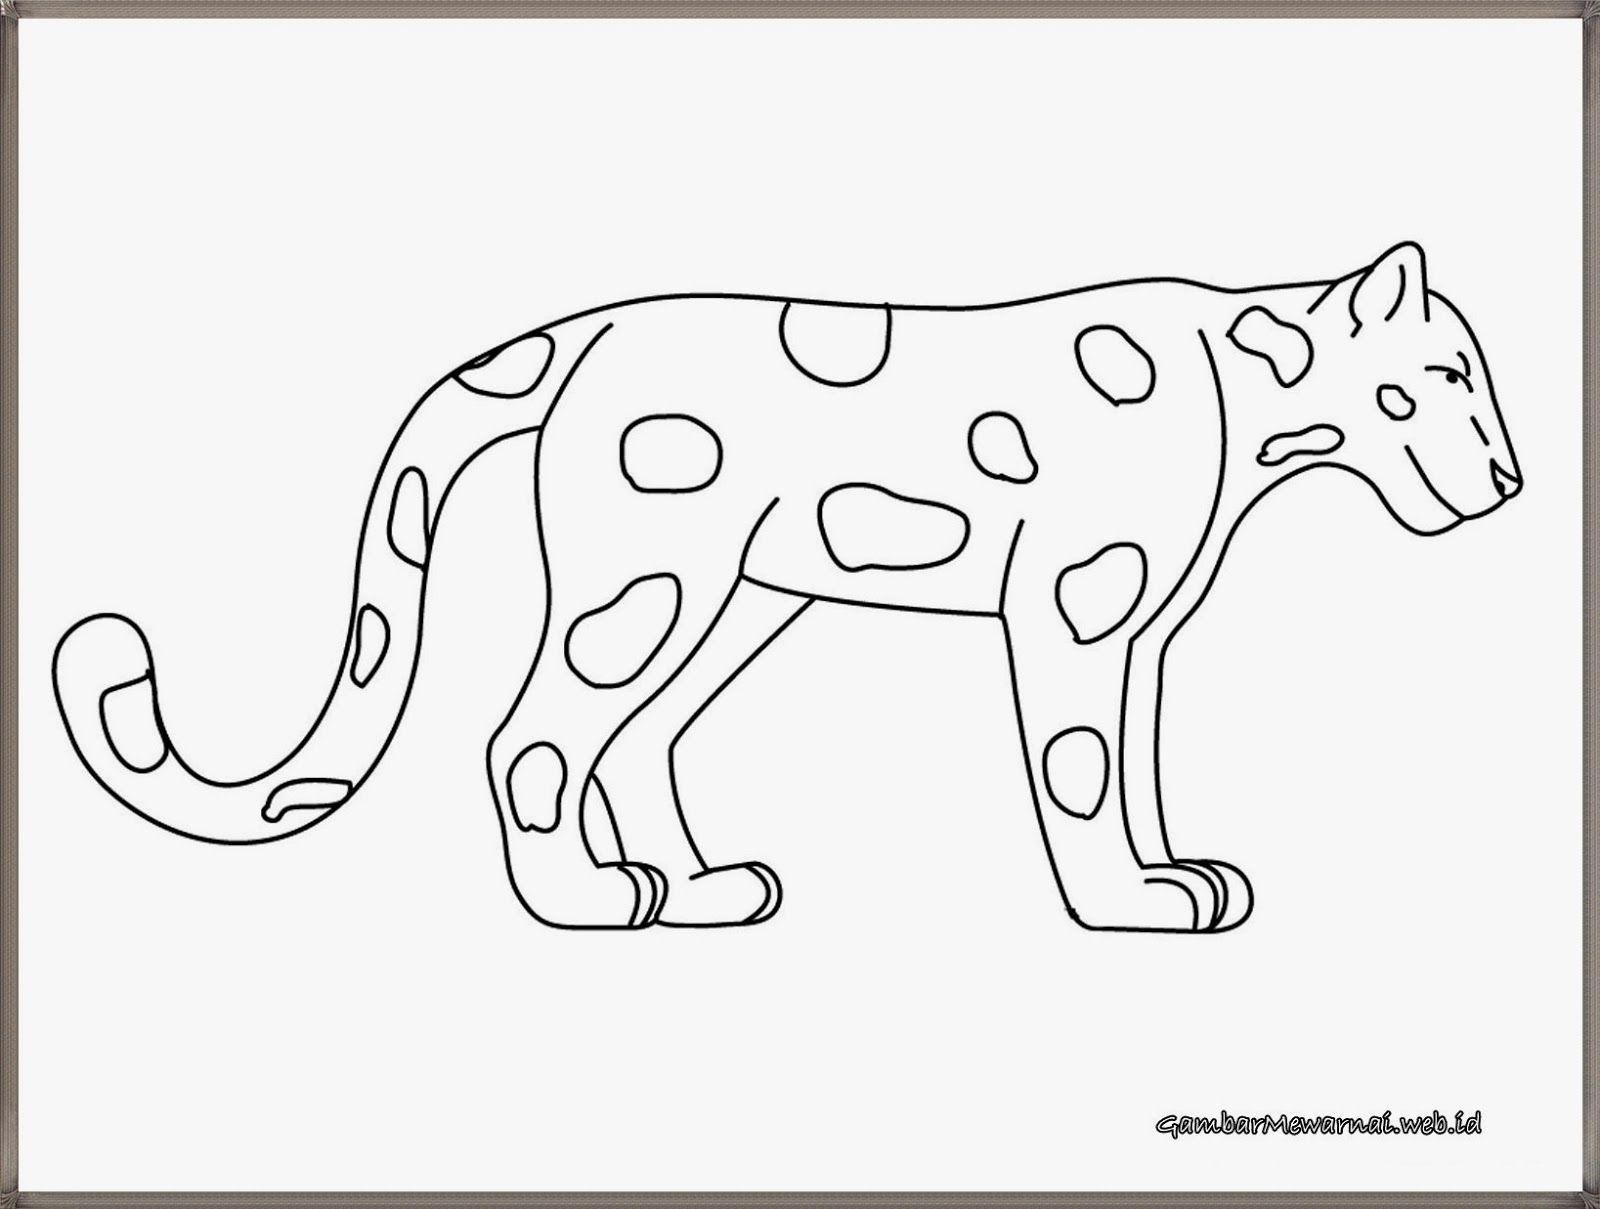 gambar bintang harimau untuk mewarnai gambar mewarnai pinterest